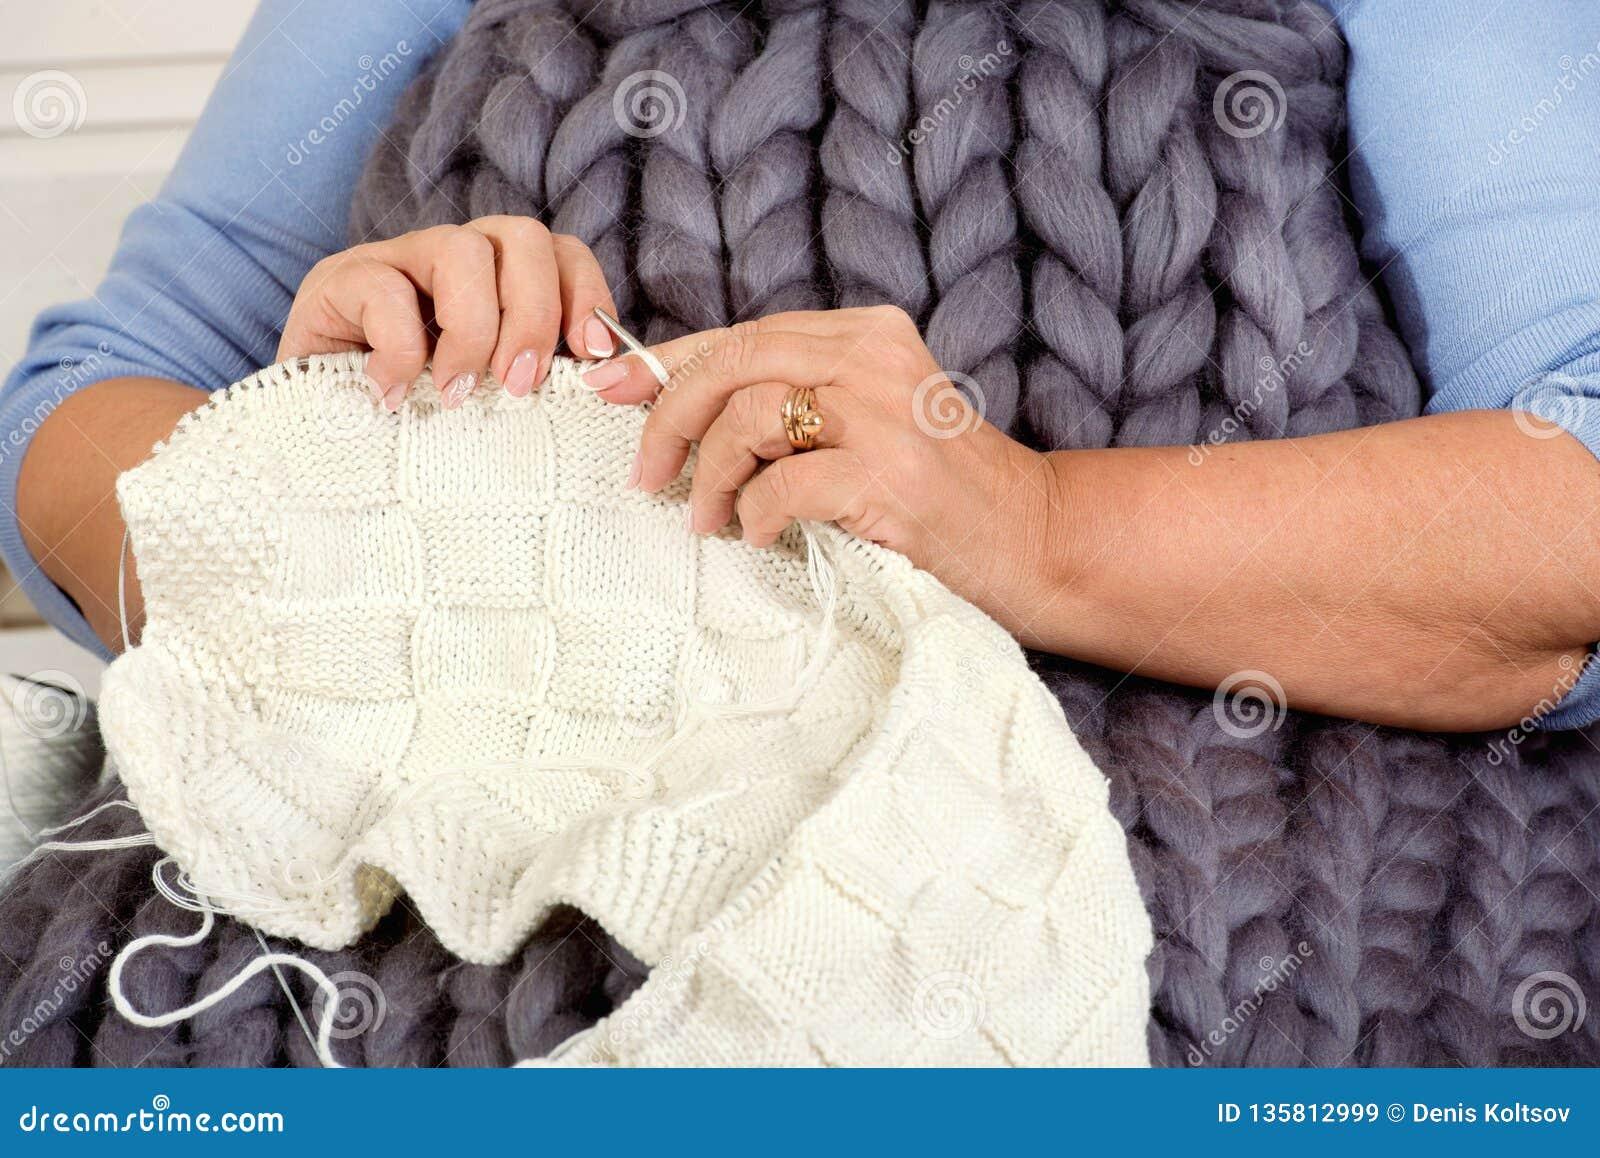 Weibliche Hände stricken eine Decke mit Stricknadeln liebhaberei